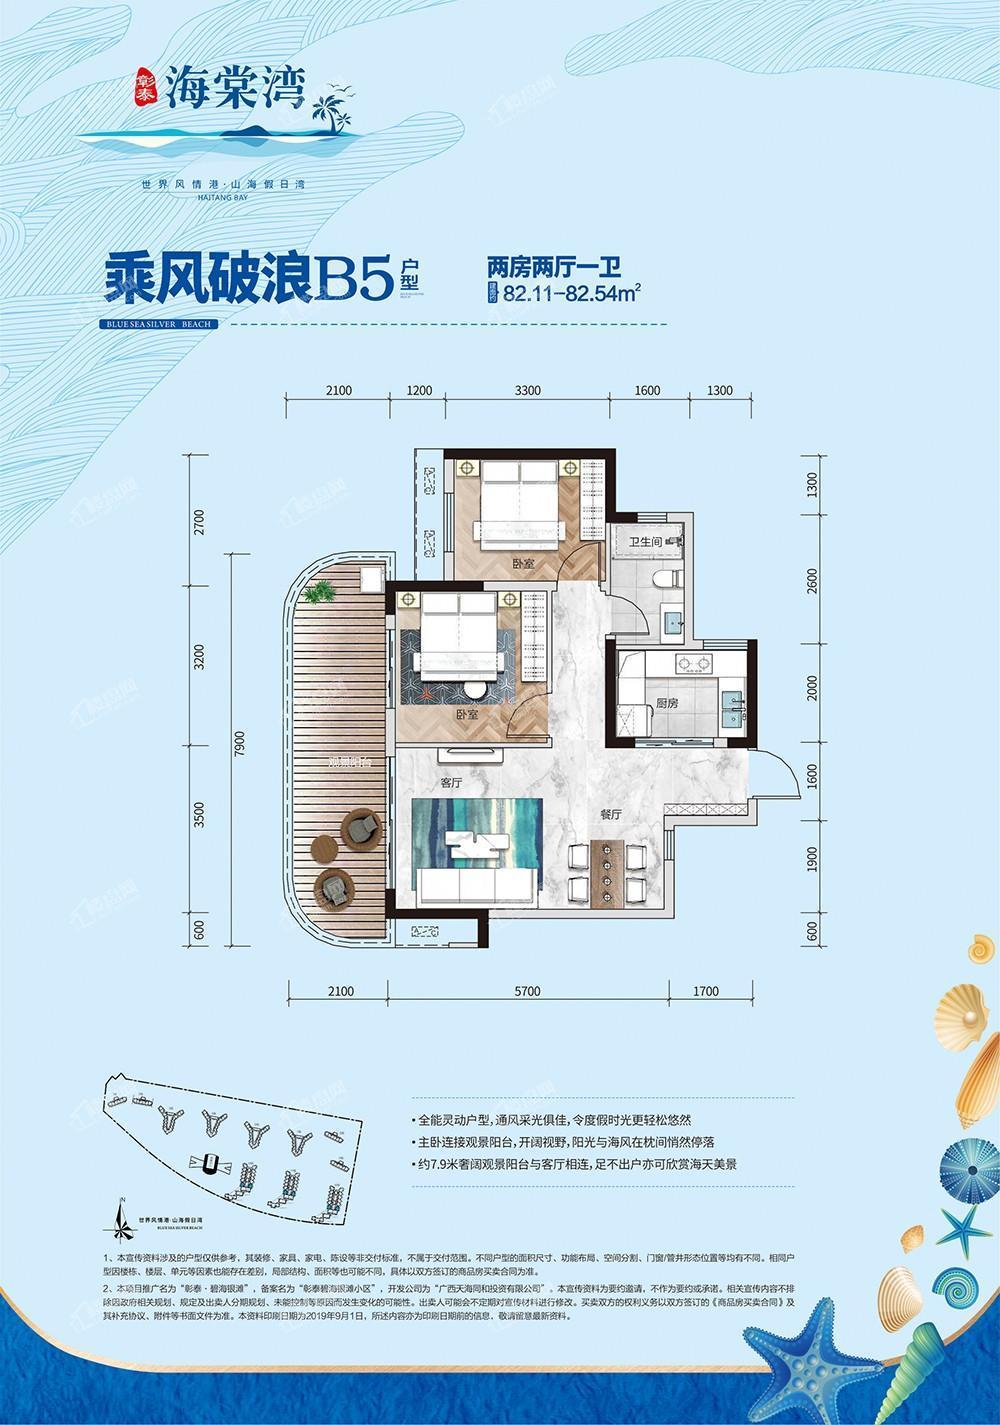 海棠湾B5户型 82.11㎡-82.54㎡两房两厅